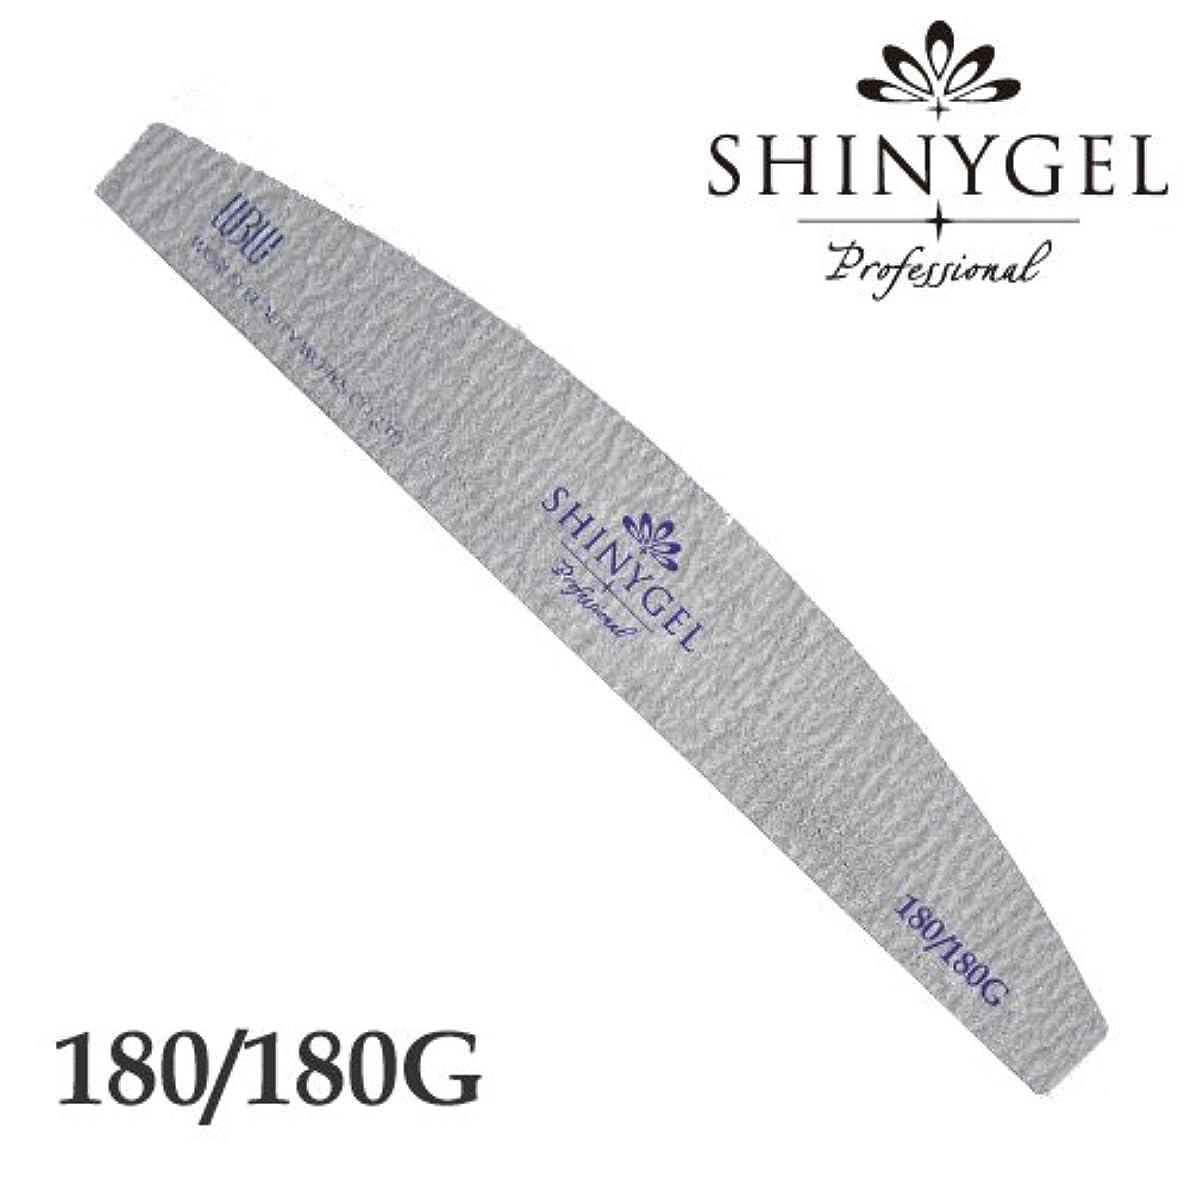 ホバート刺激するピックSHINYGEL Professional シャイニージェルプロフェッショナル ゼブラファイル ホワイト(アーチ型) 180/180G ジェルネイル 爪やすり